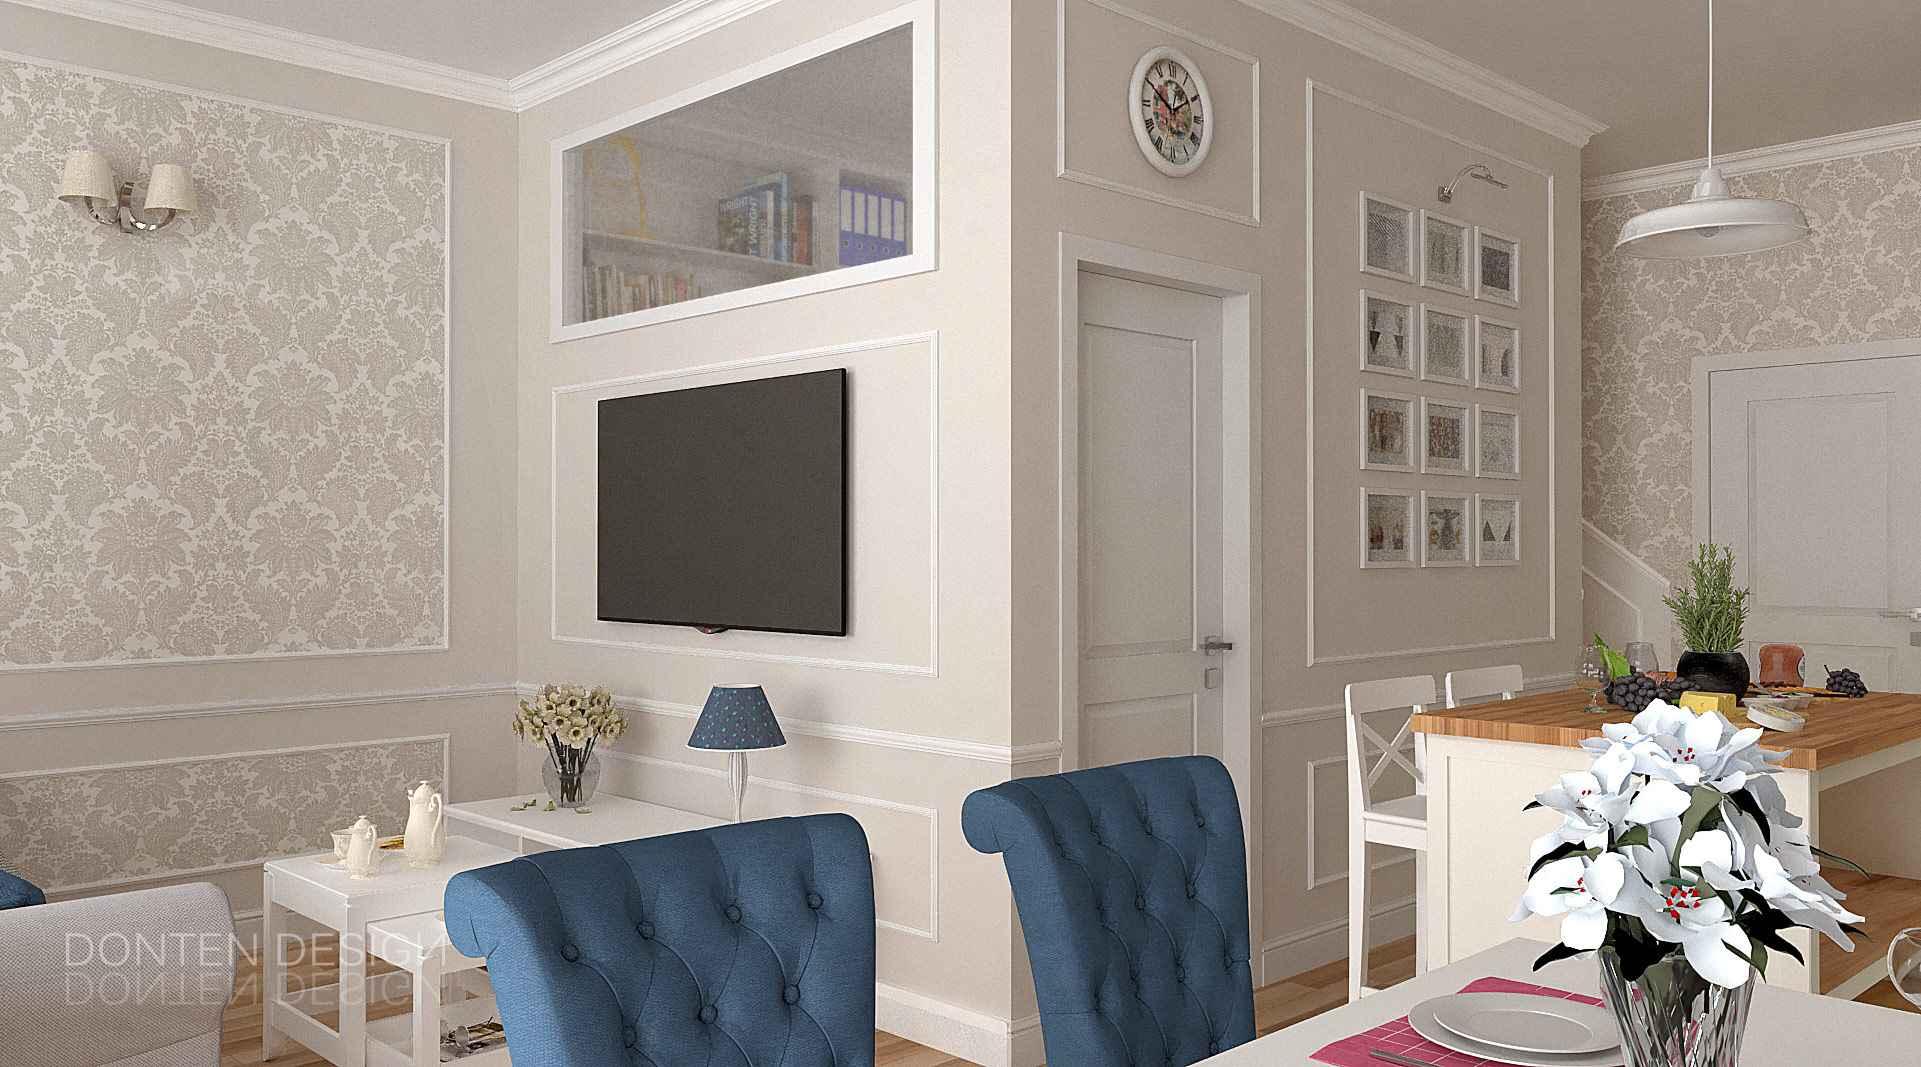 Projektant wnętrz; Projektowanie wnętrz; Aranżacja wnętrz; Architekt Białołęka - zdjęcie 1